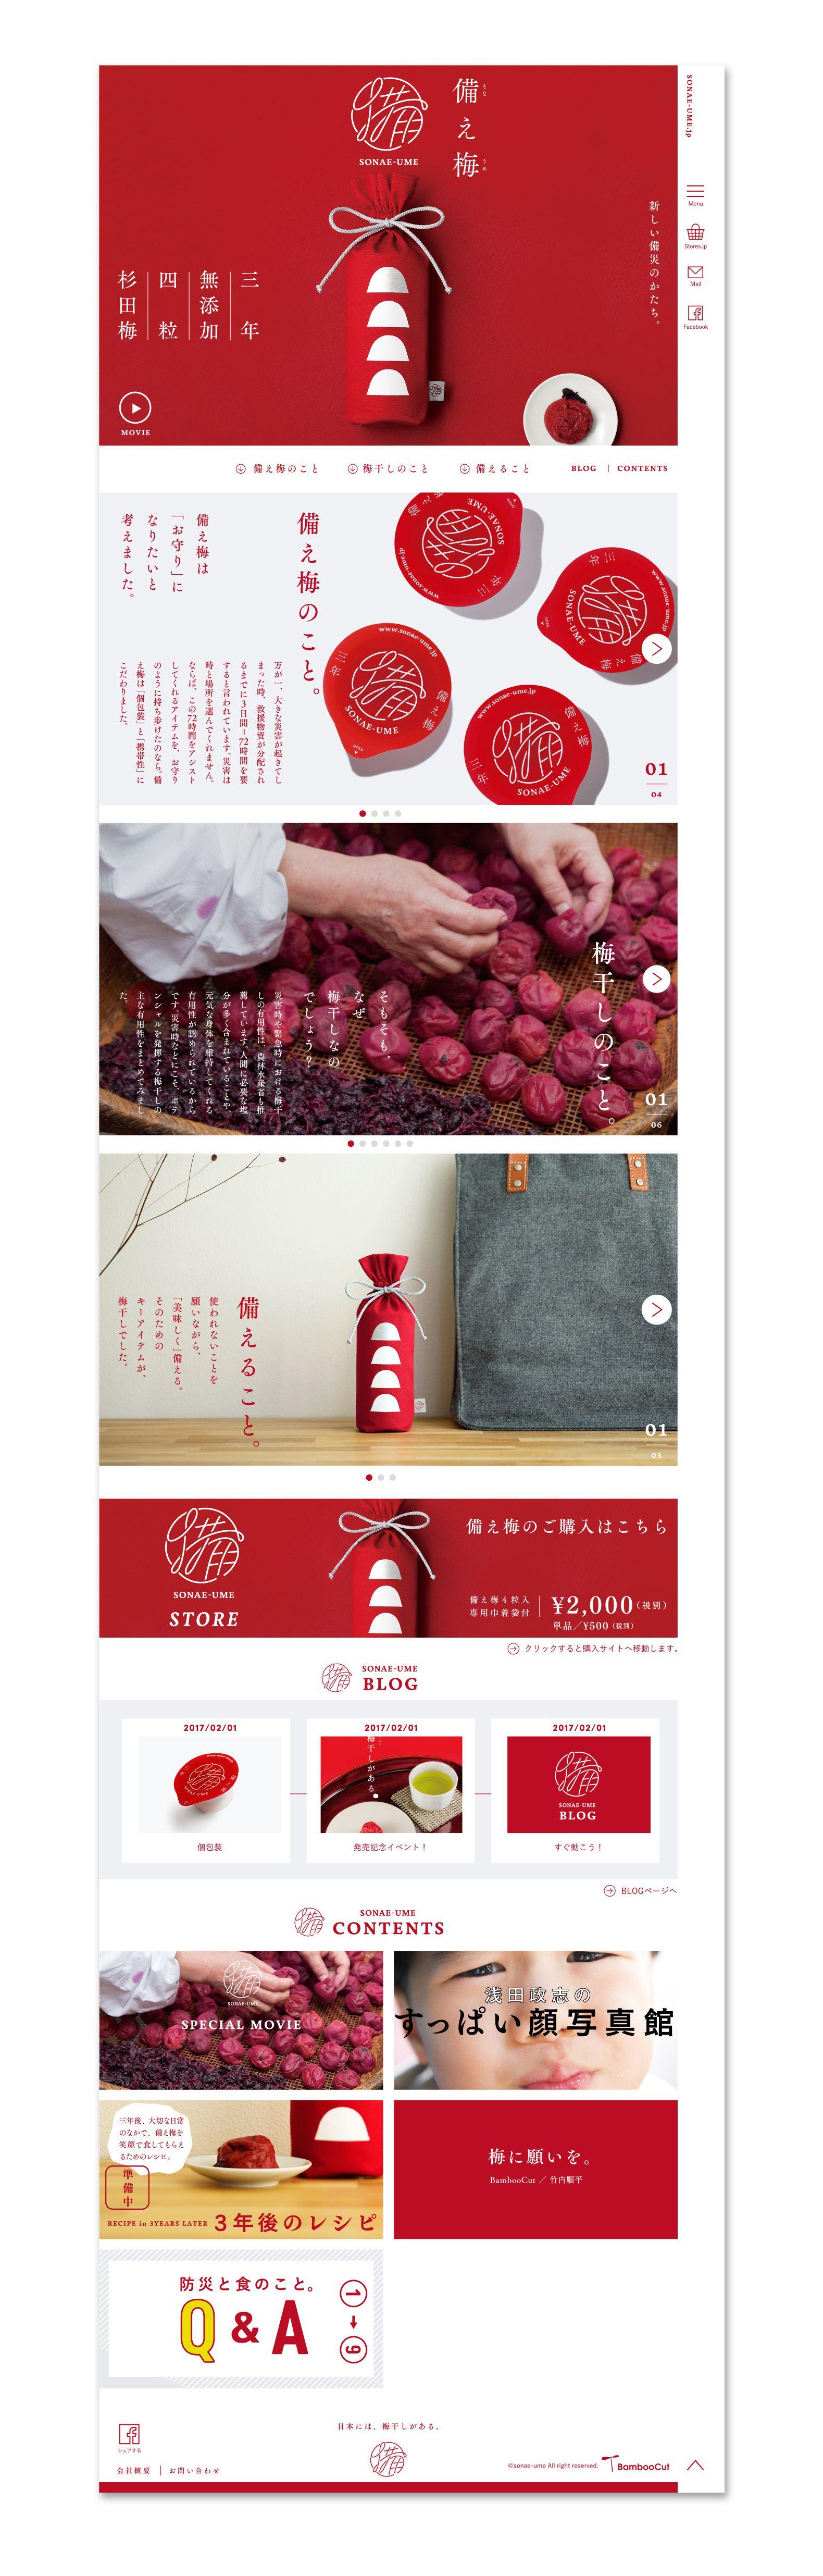 「備え梅」ウェブサイトデザイン | キタダデザイン